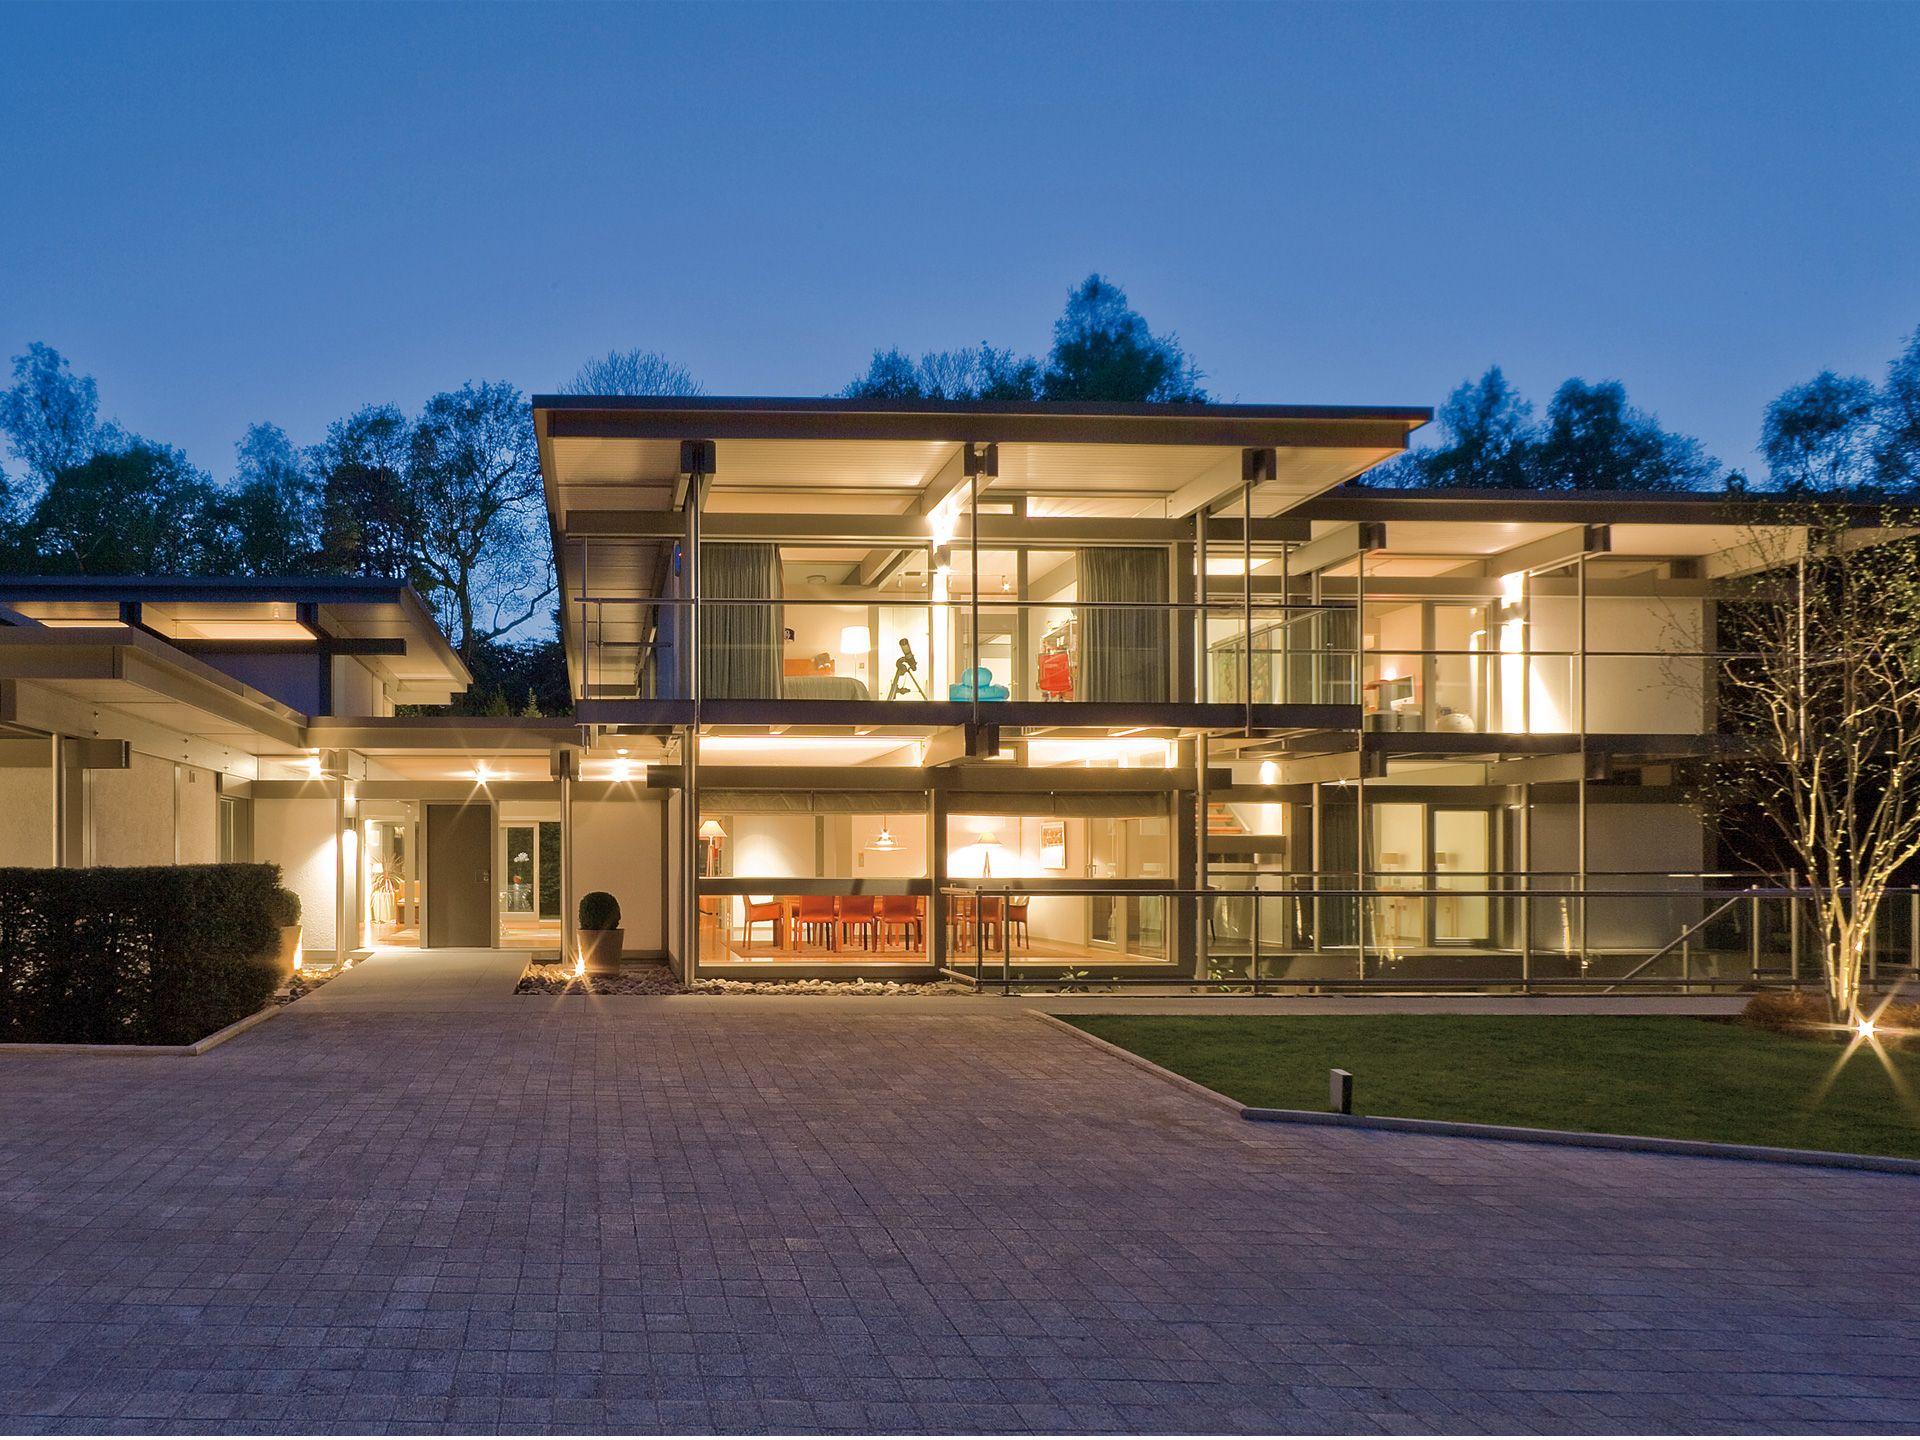 Moderne häuser mit innenpool  HUF Haus ART Sonder • Fachwerkhaus von HUF HAUS • Exklusives ...